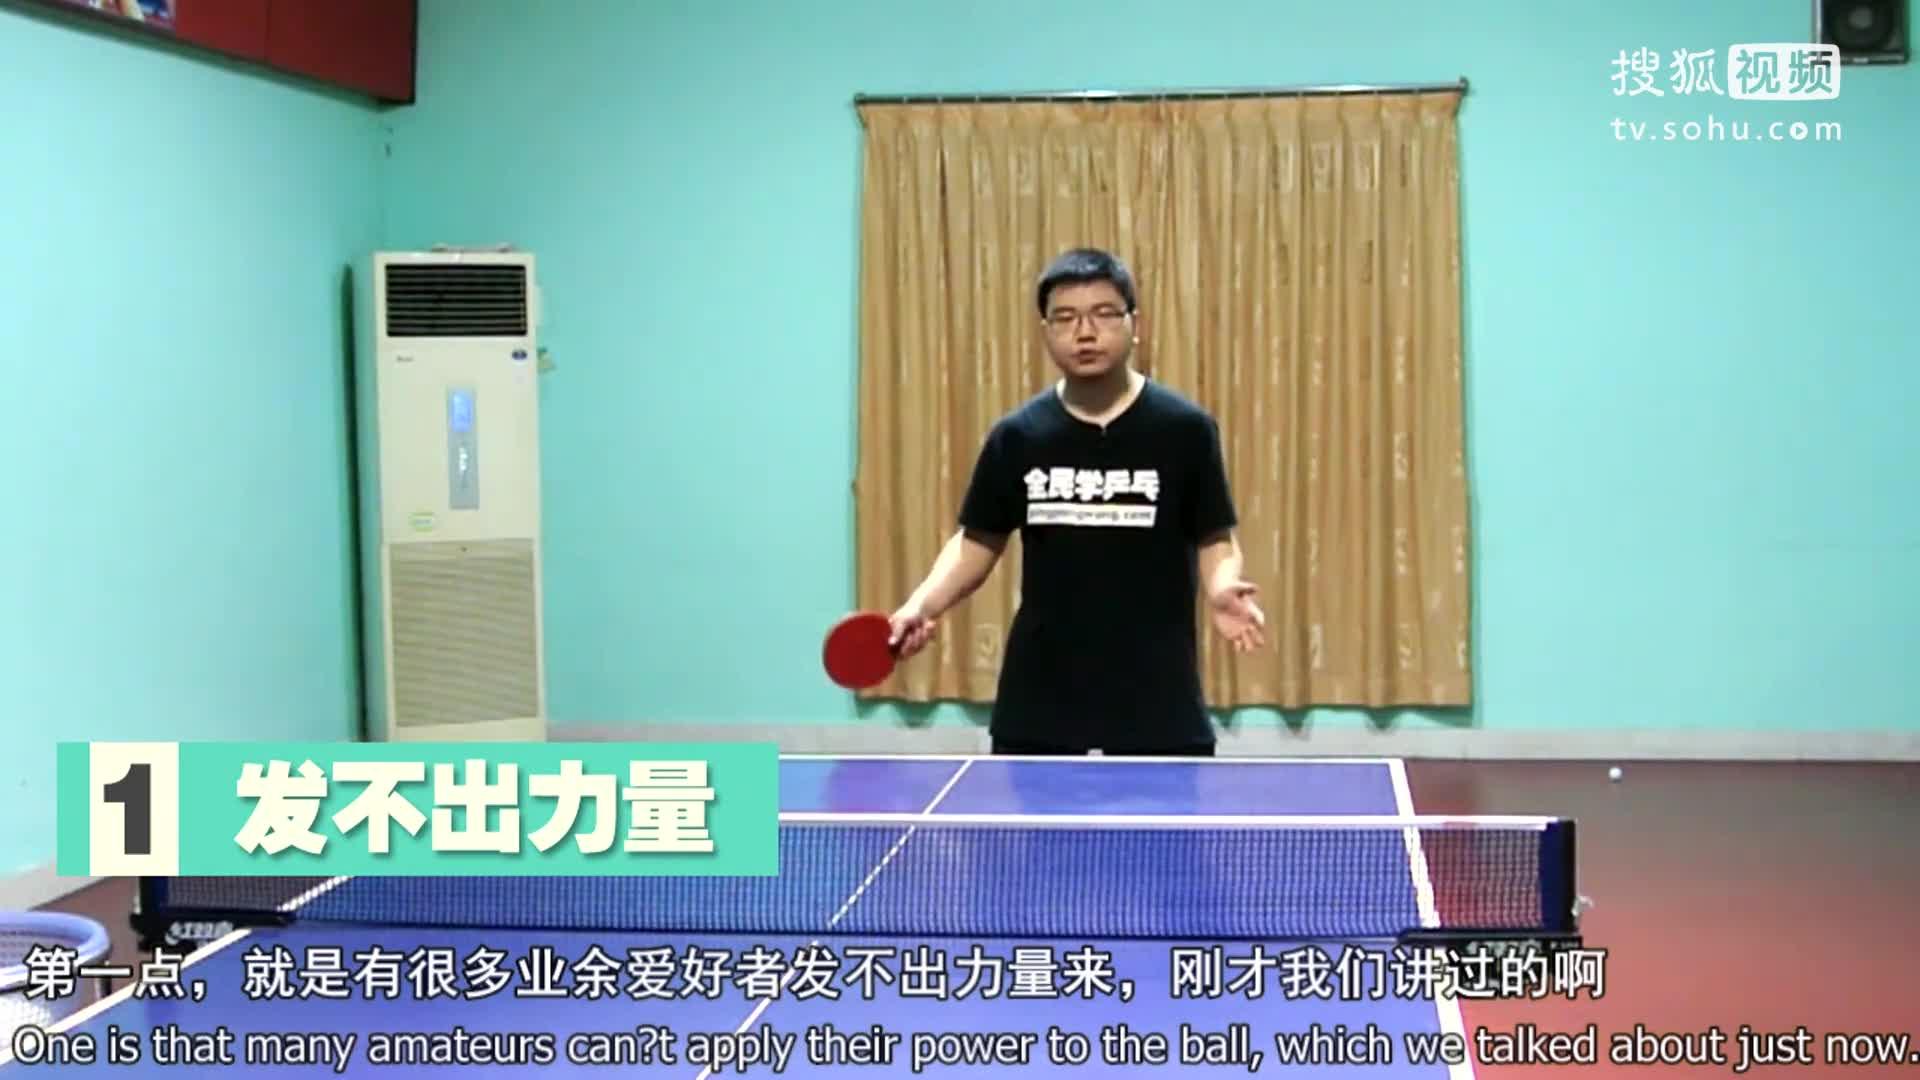 《全民学乒乓横拍篇》第12.4集:正手前冲弧圈球纠错大全